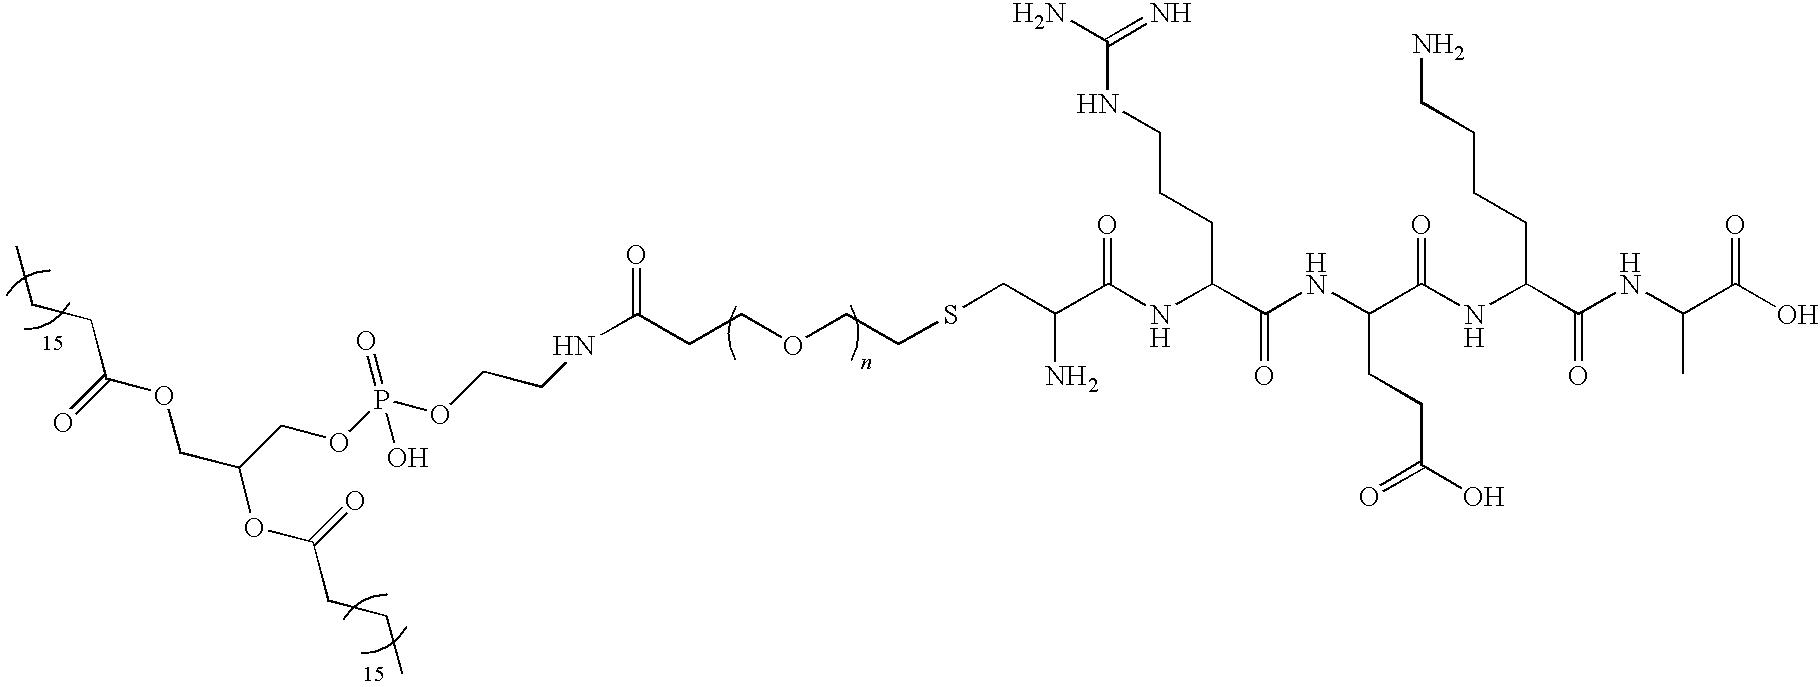 Figure US20090074828A1-20090319-C00005